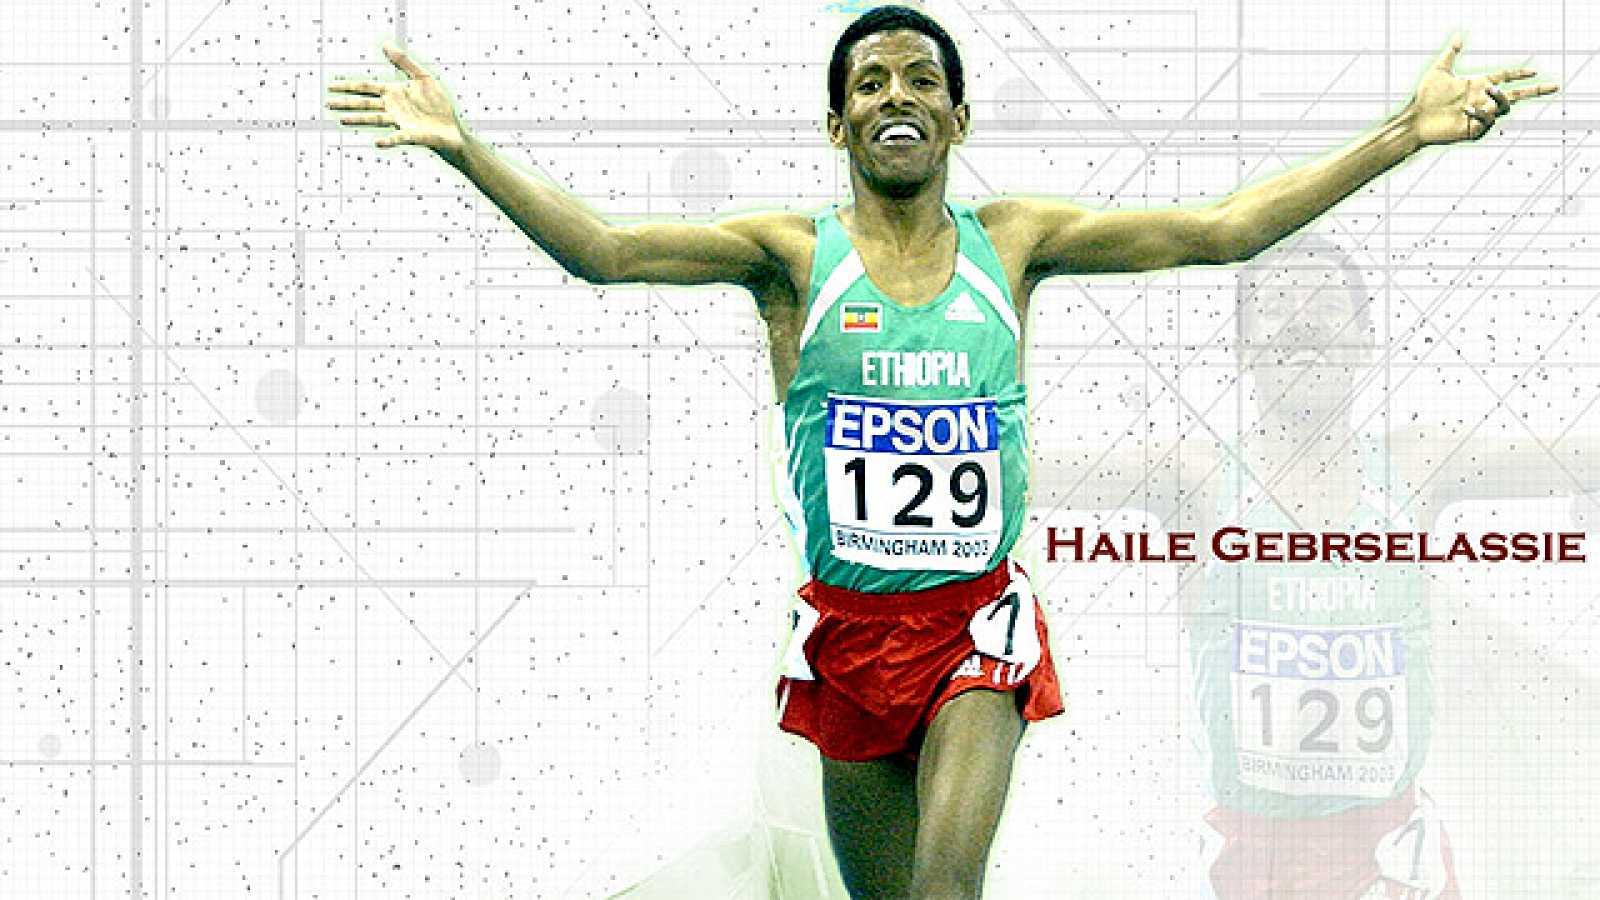 El atleta etíope, Haile Gebrselassie, ha sido galardonado este  viernes con el Premio Príncipe de Asturias de los Deportes 2011, cuyo  fallo se hará público a las 12.00 horas en el Hotel de la Reconquista  de Oviedo. El jurado ha destacado las circu